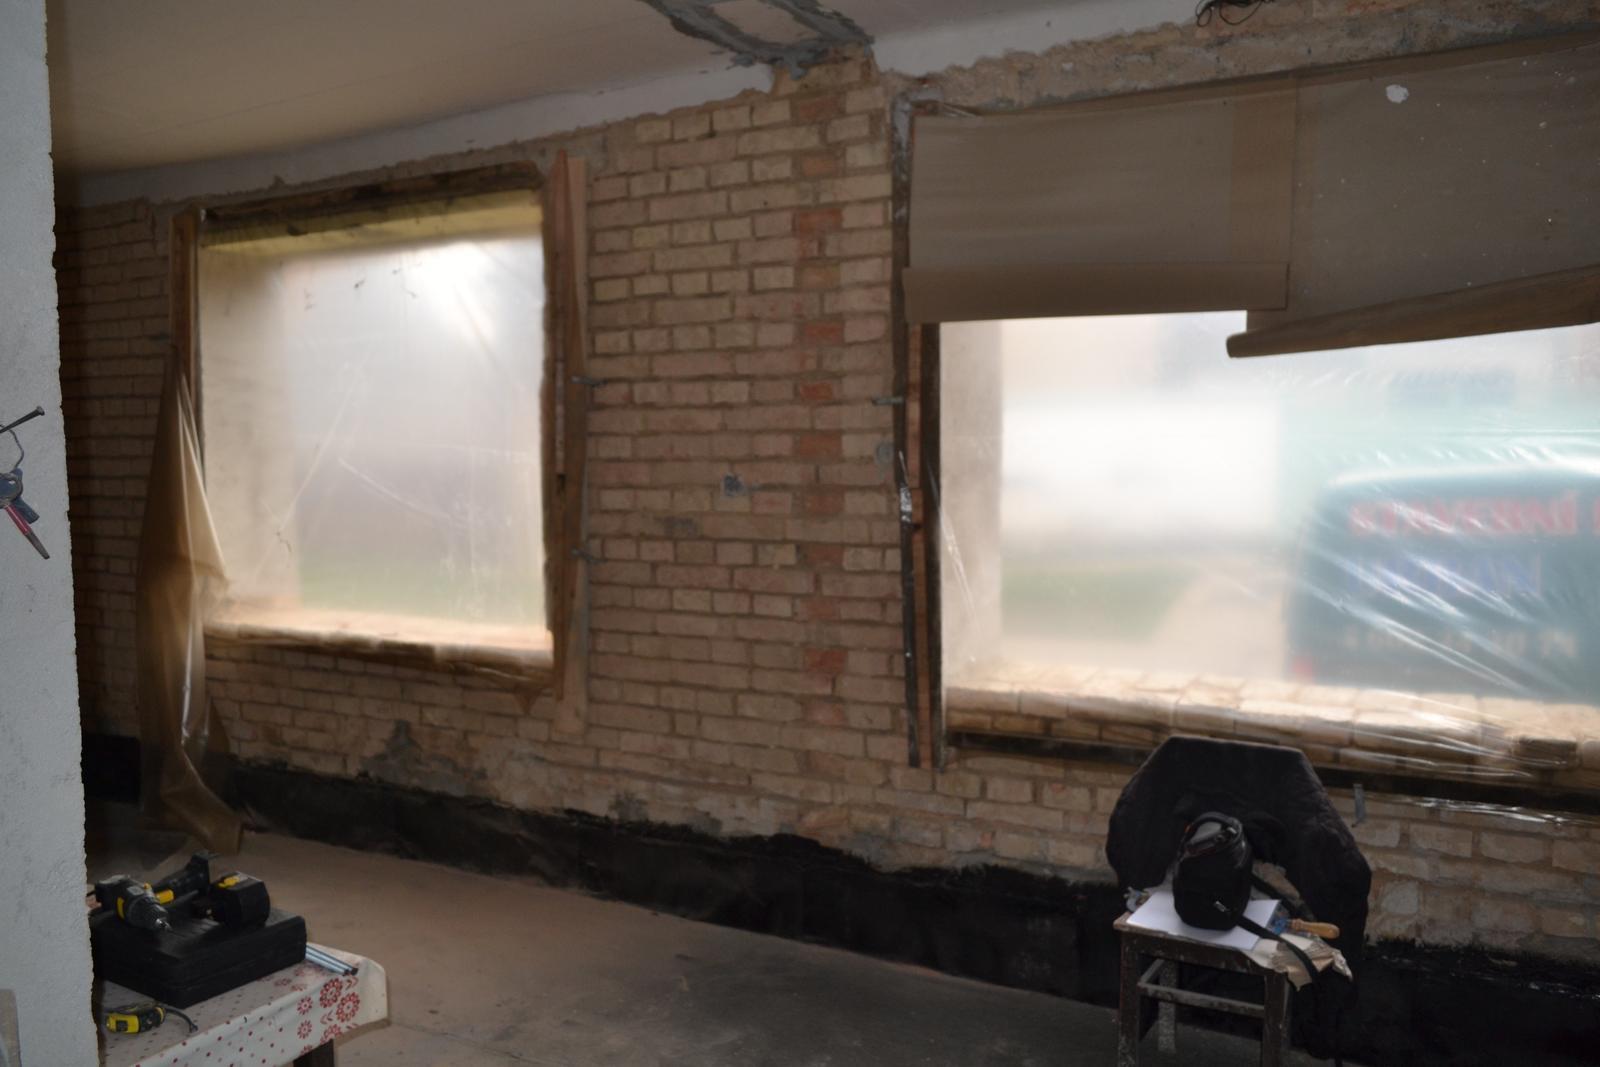 Domeček rekonstruujeme pro rodiče - obývák zatím bez oken